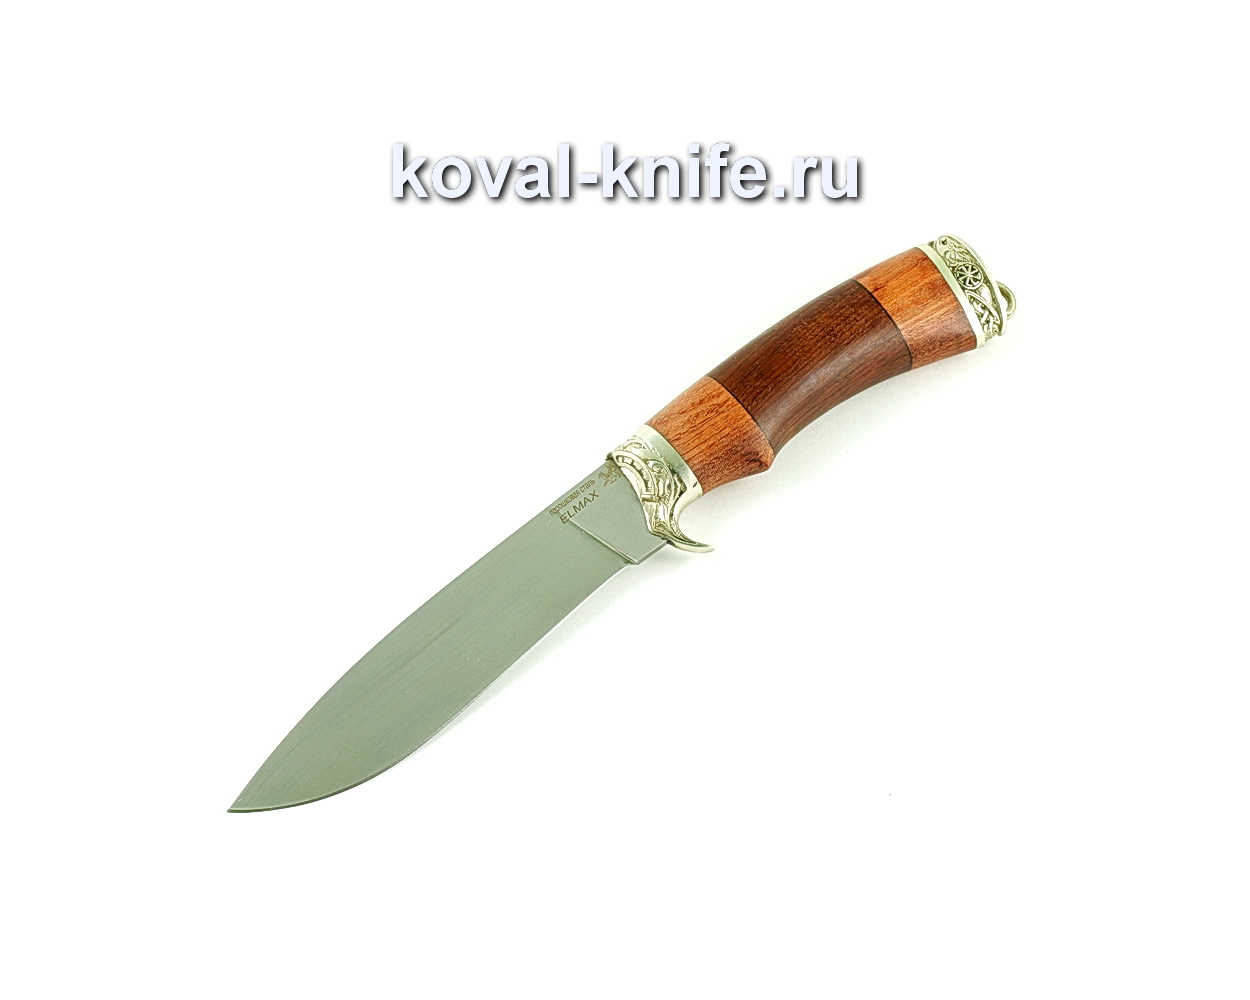 Нож Олимп (сталь Elmax), рукоять бубинга, орех A340